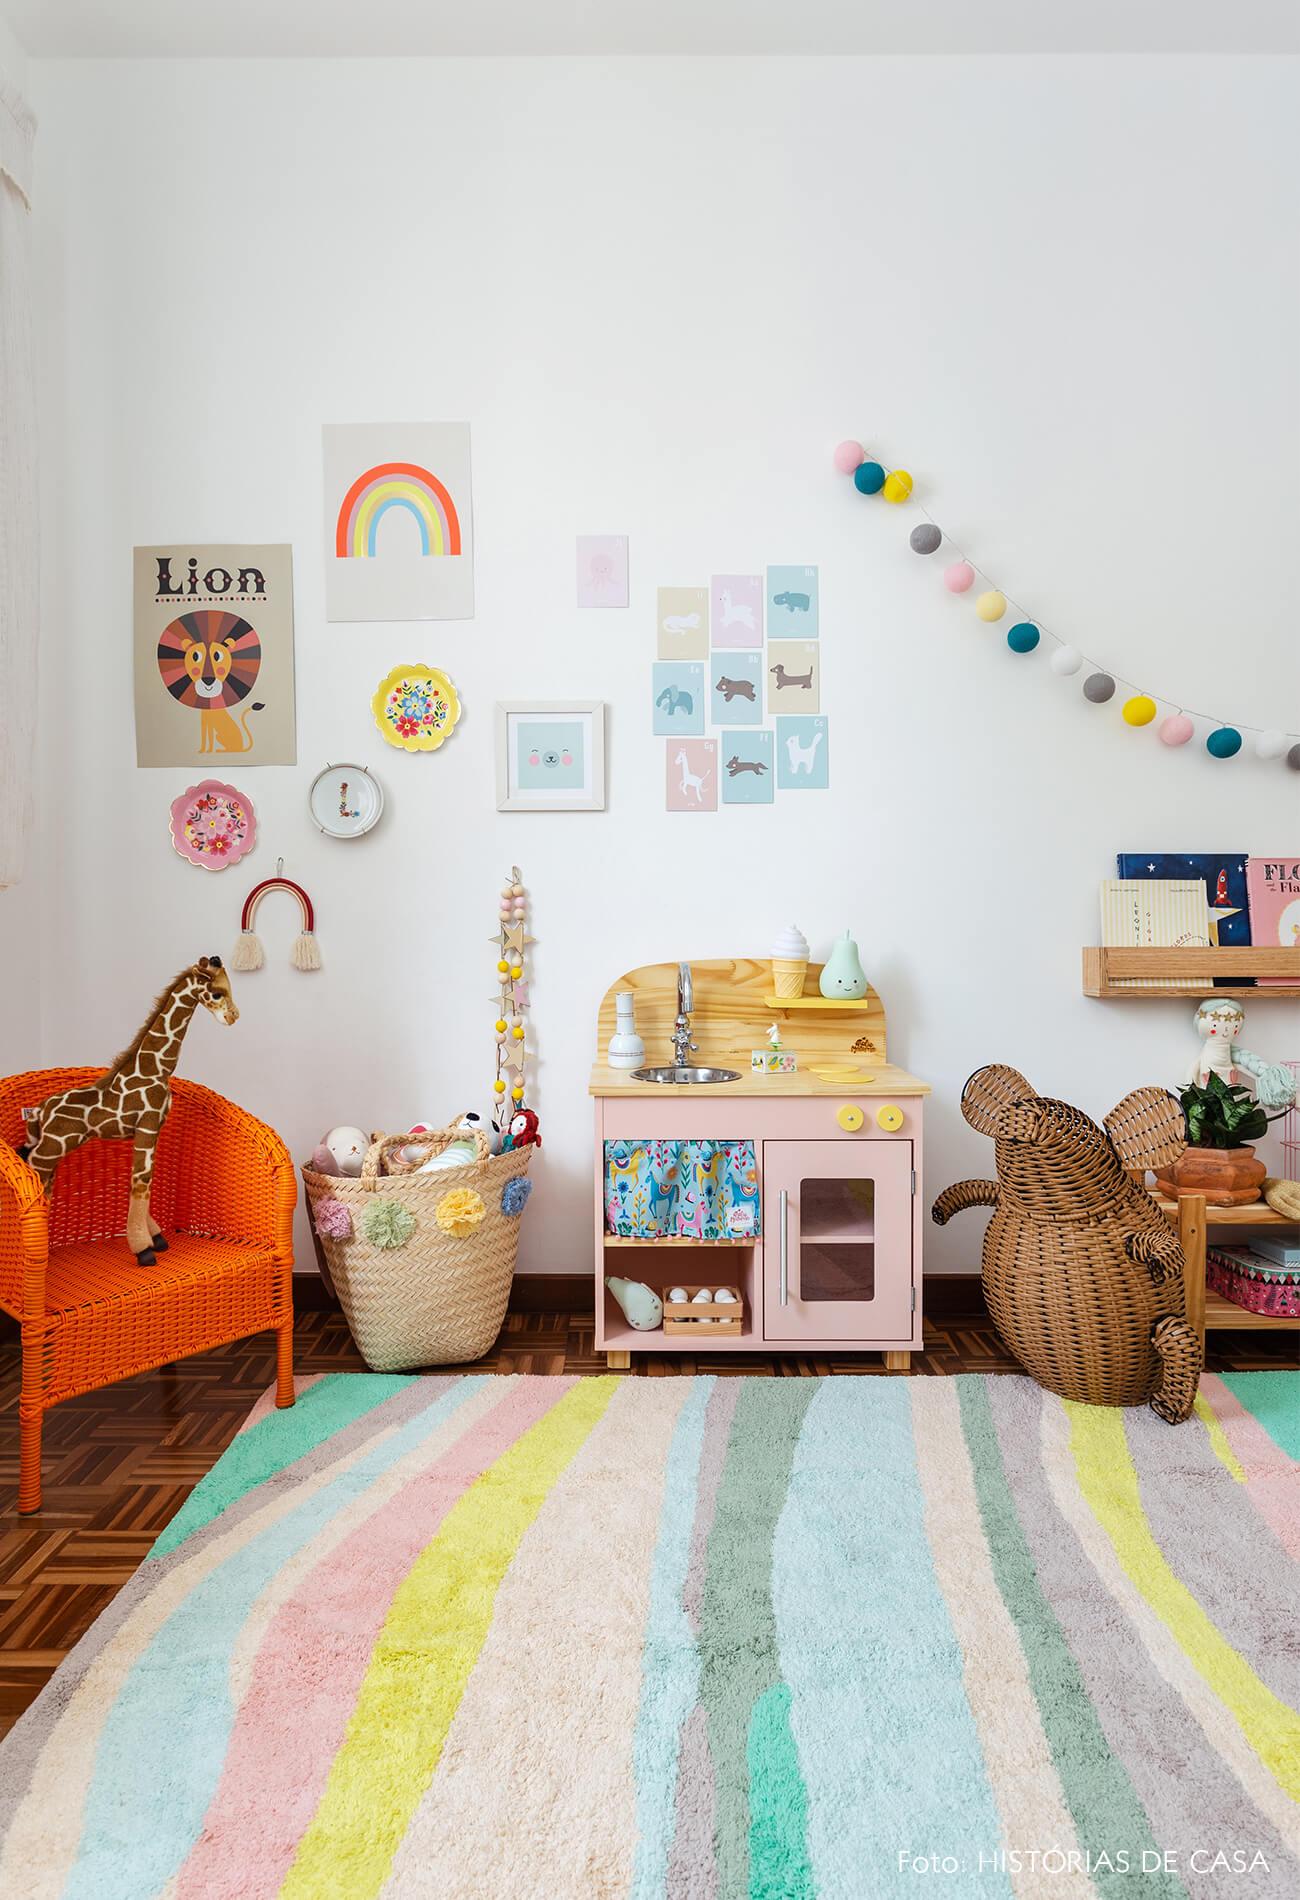 decoração quarto infantil cadeira palha cestos cozinha madeira tapete colorido cordão de luz